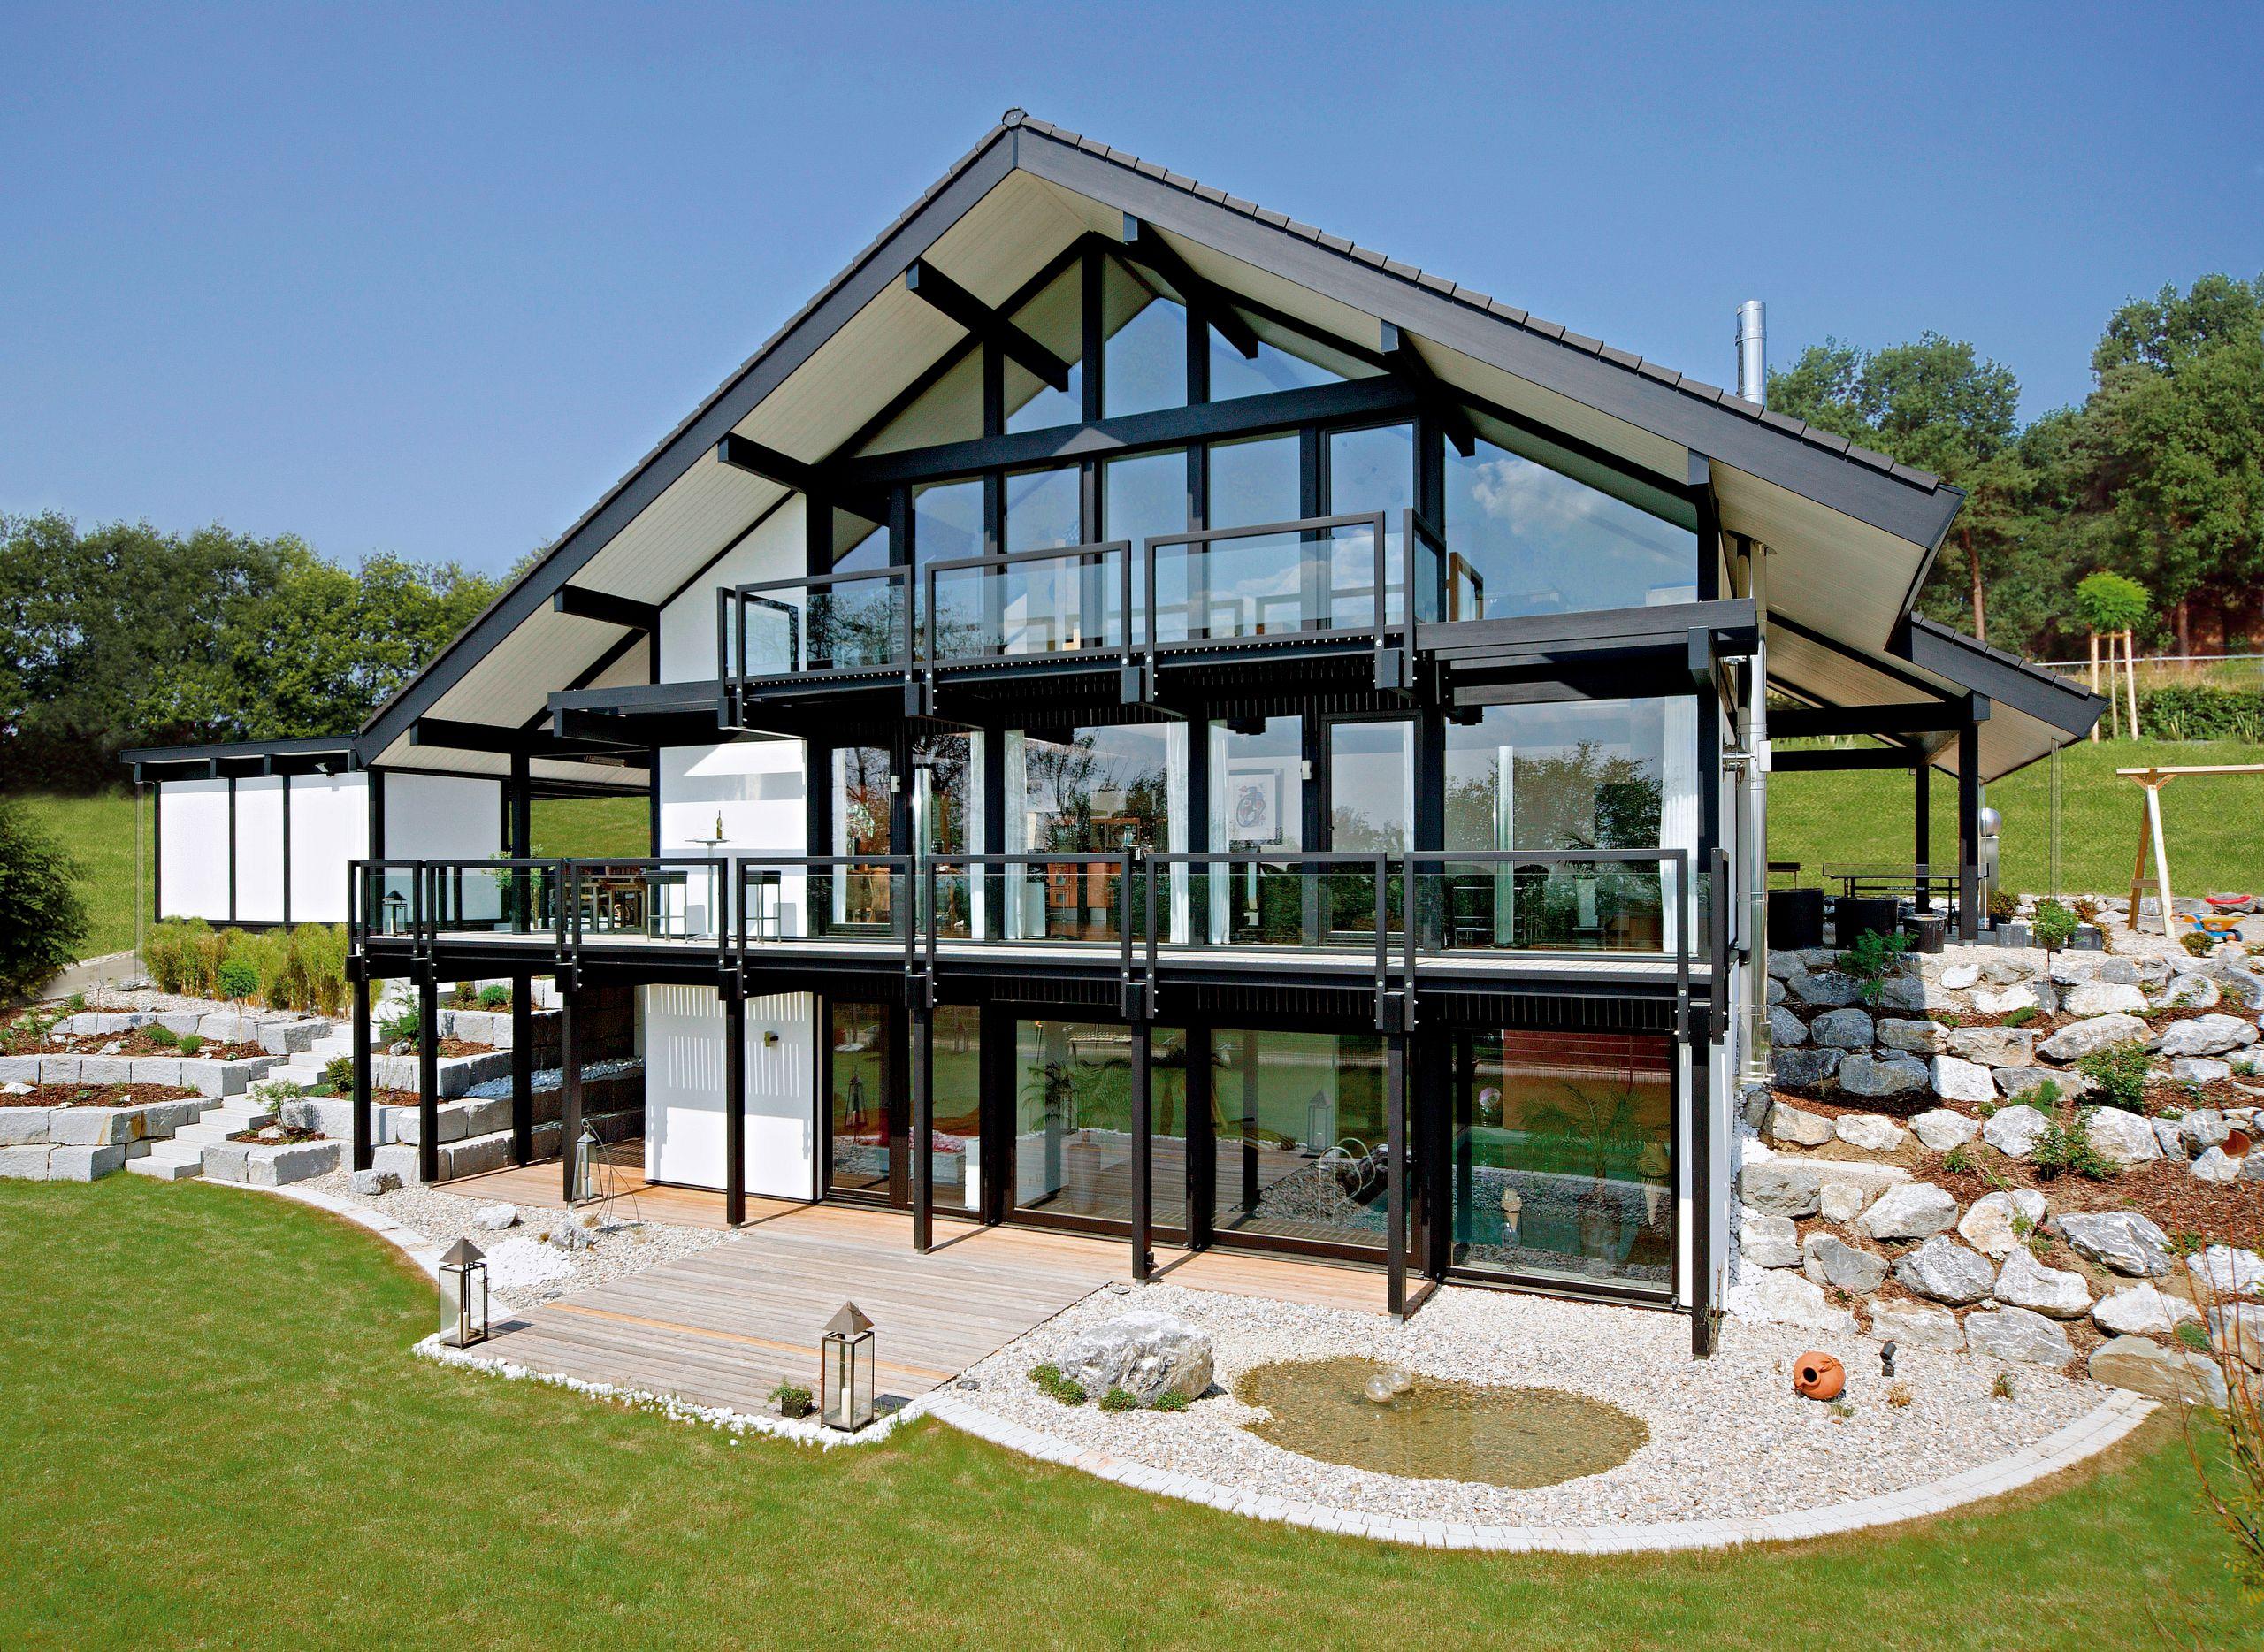 Kundenhaus - Ulm   Außenansicht mit Garten   Finden sie mehr ...